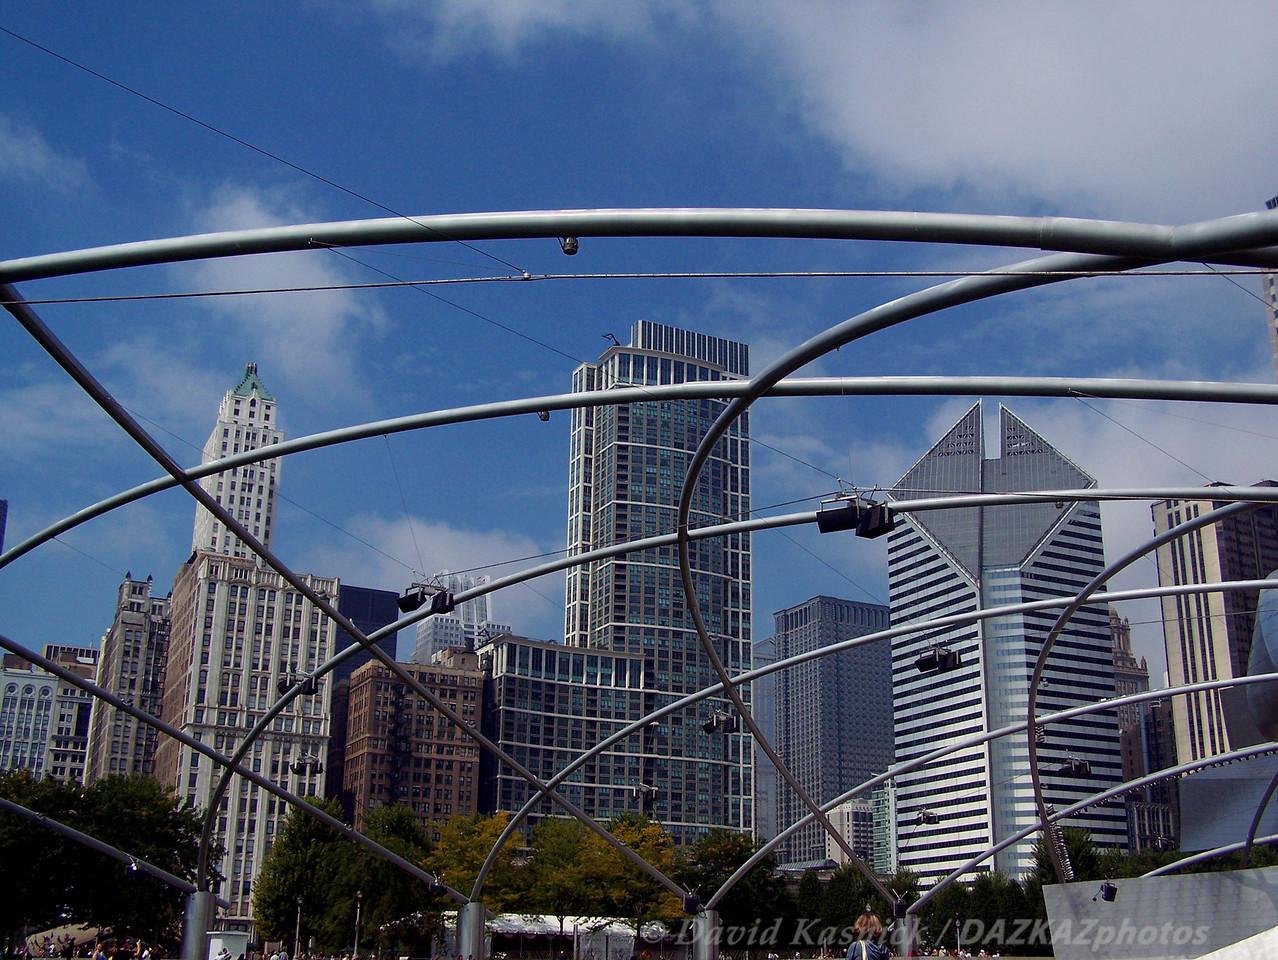 Pritzker Pavillion Skyline - Chicago, IL